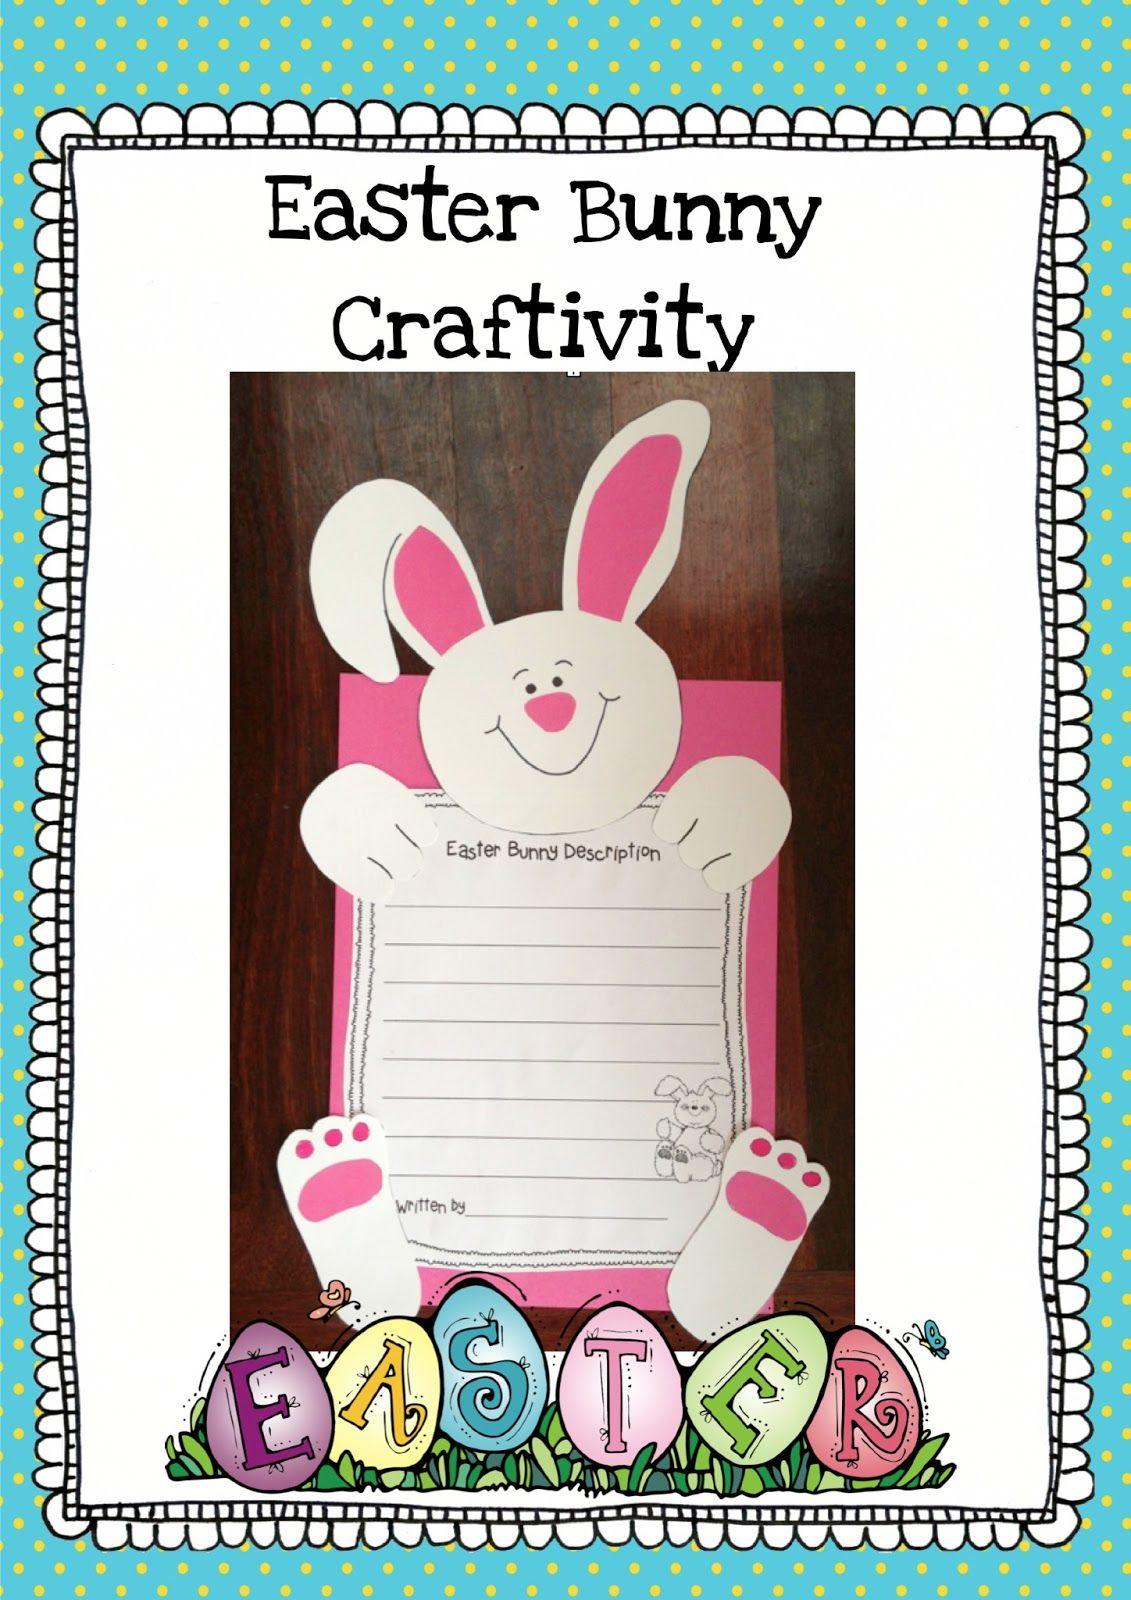 Cute Easter Bunny Craftivity